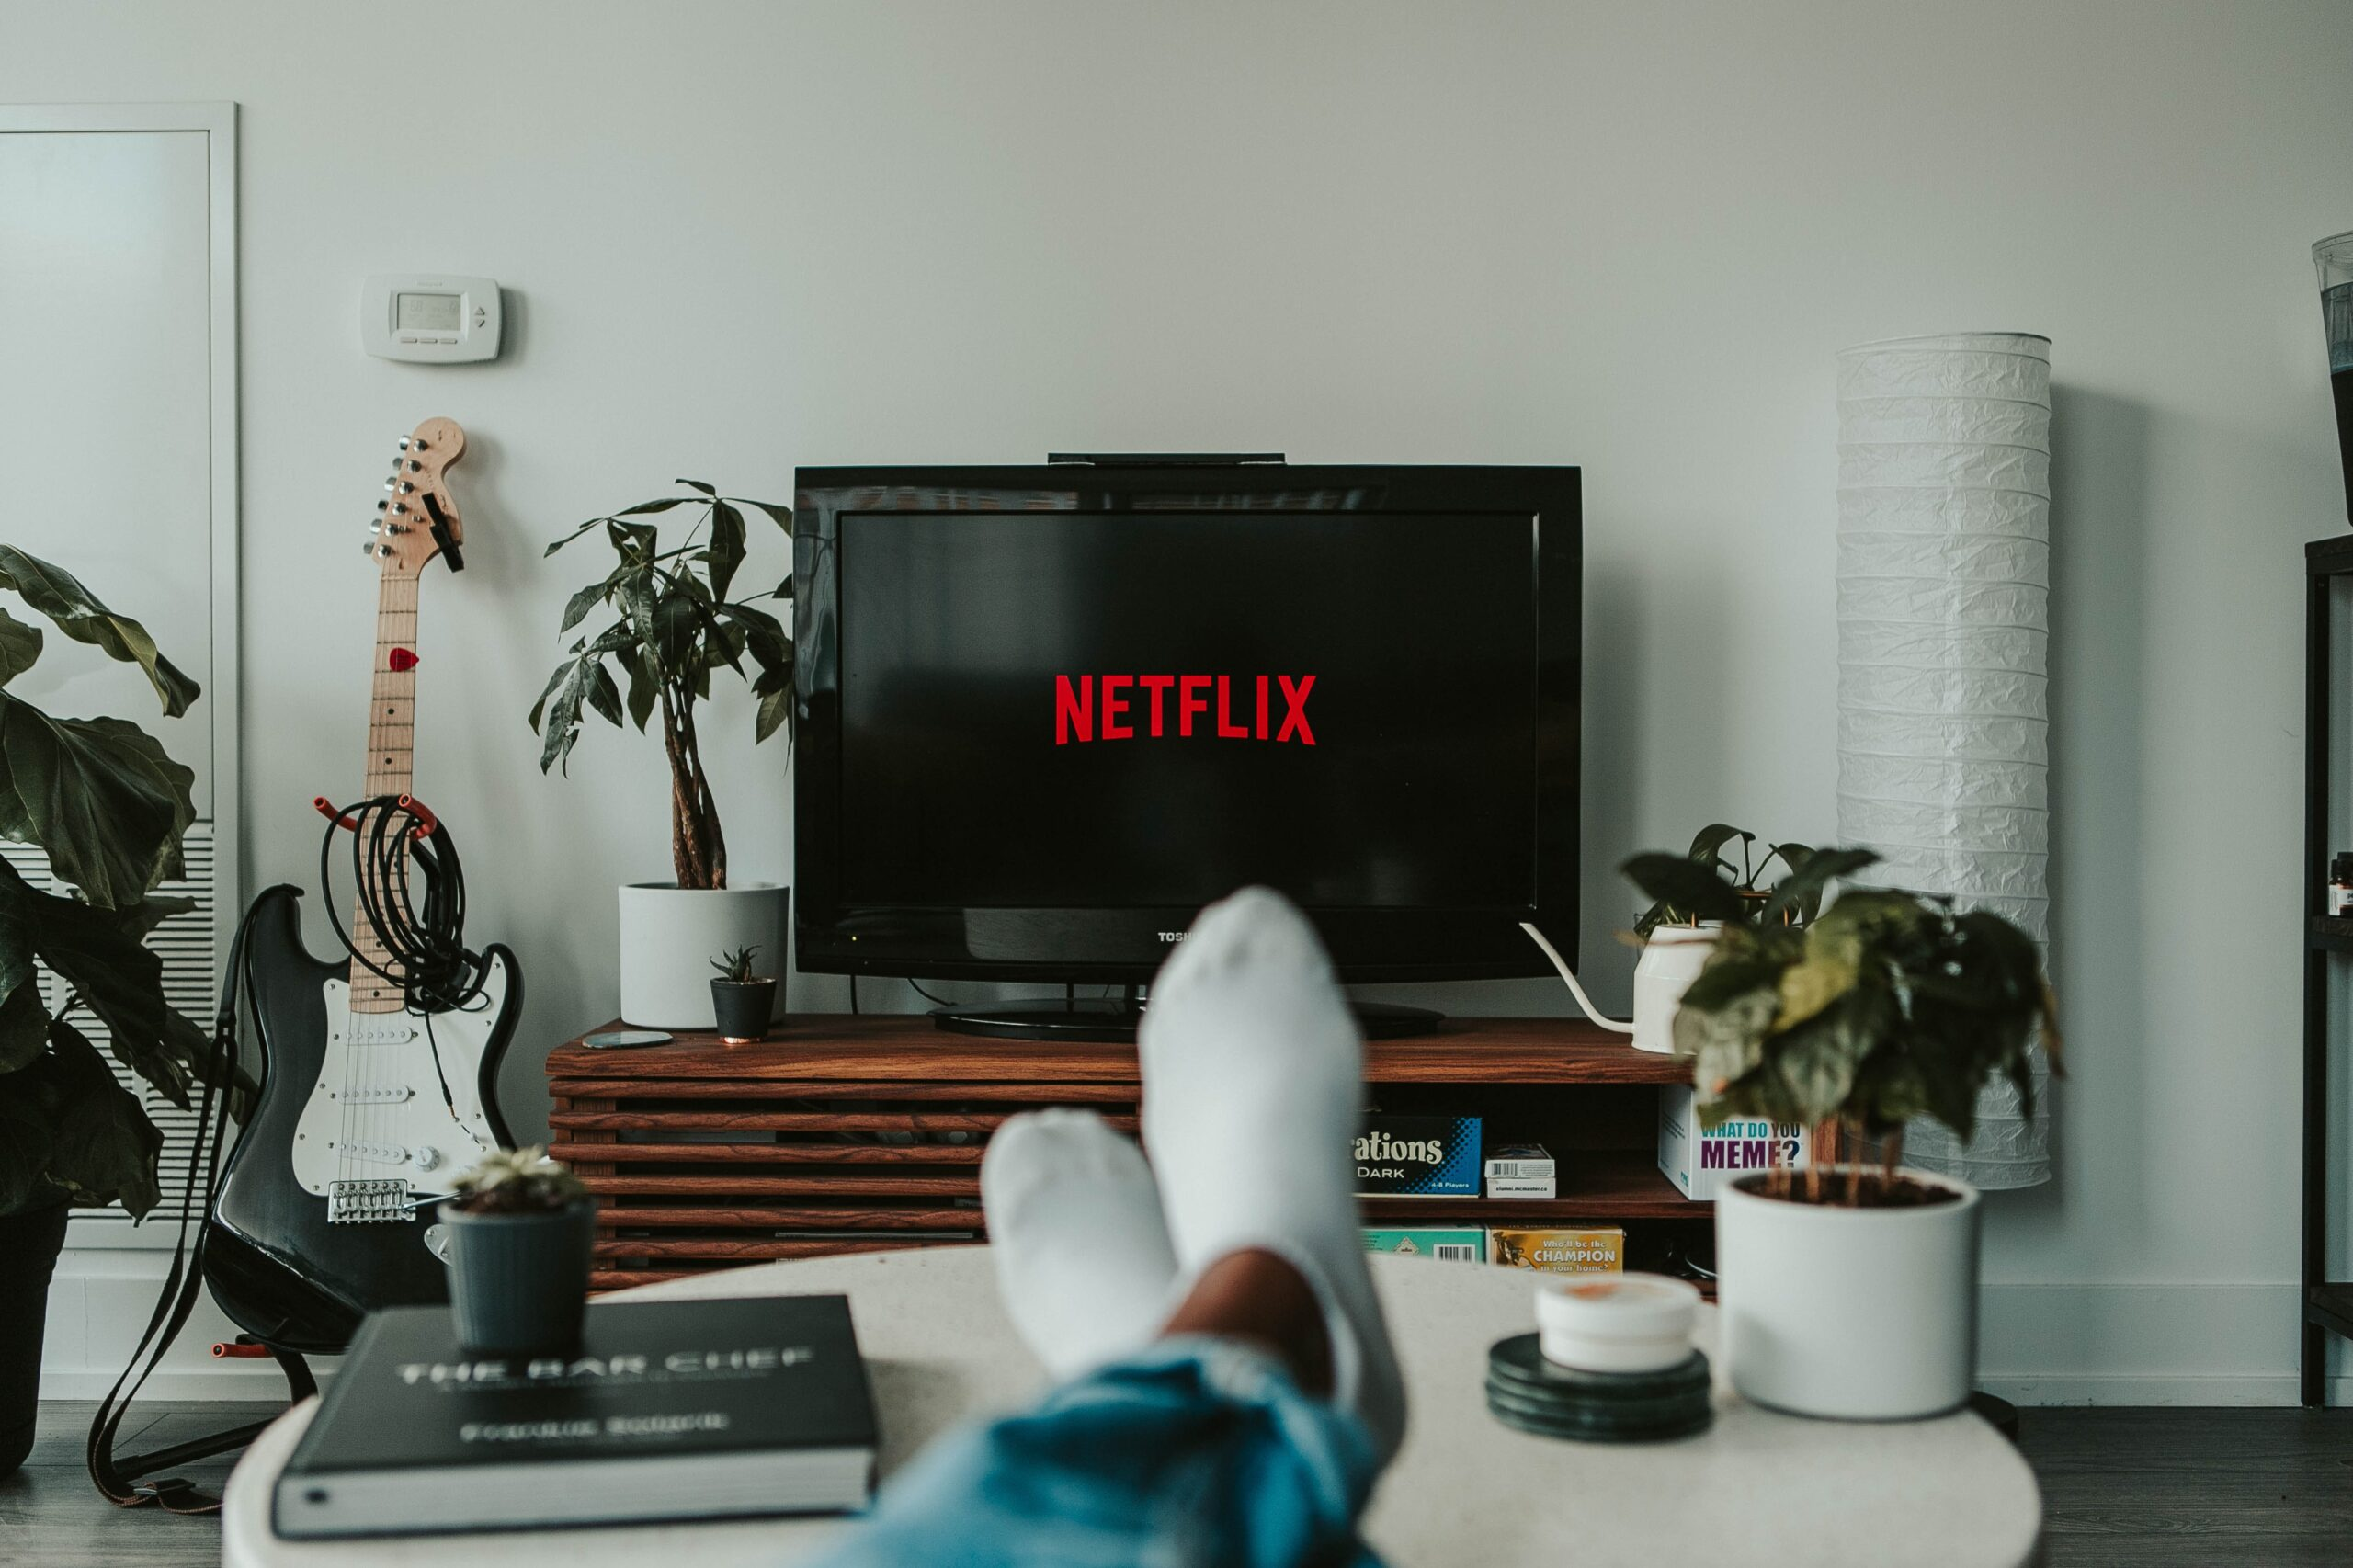 Podatek od Netflixa, CDA, HBO, Ipla – nowy podatek cyfrowy